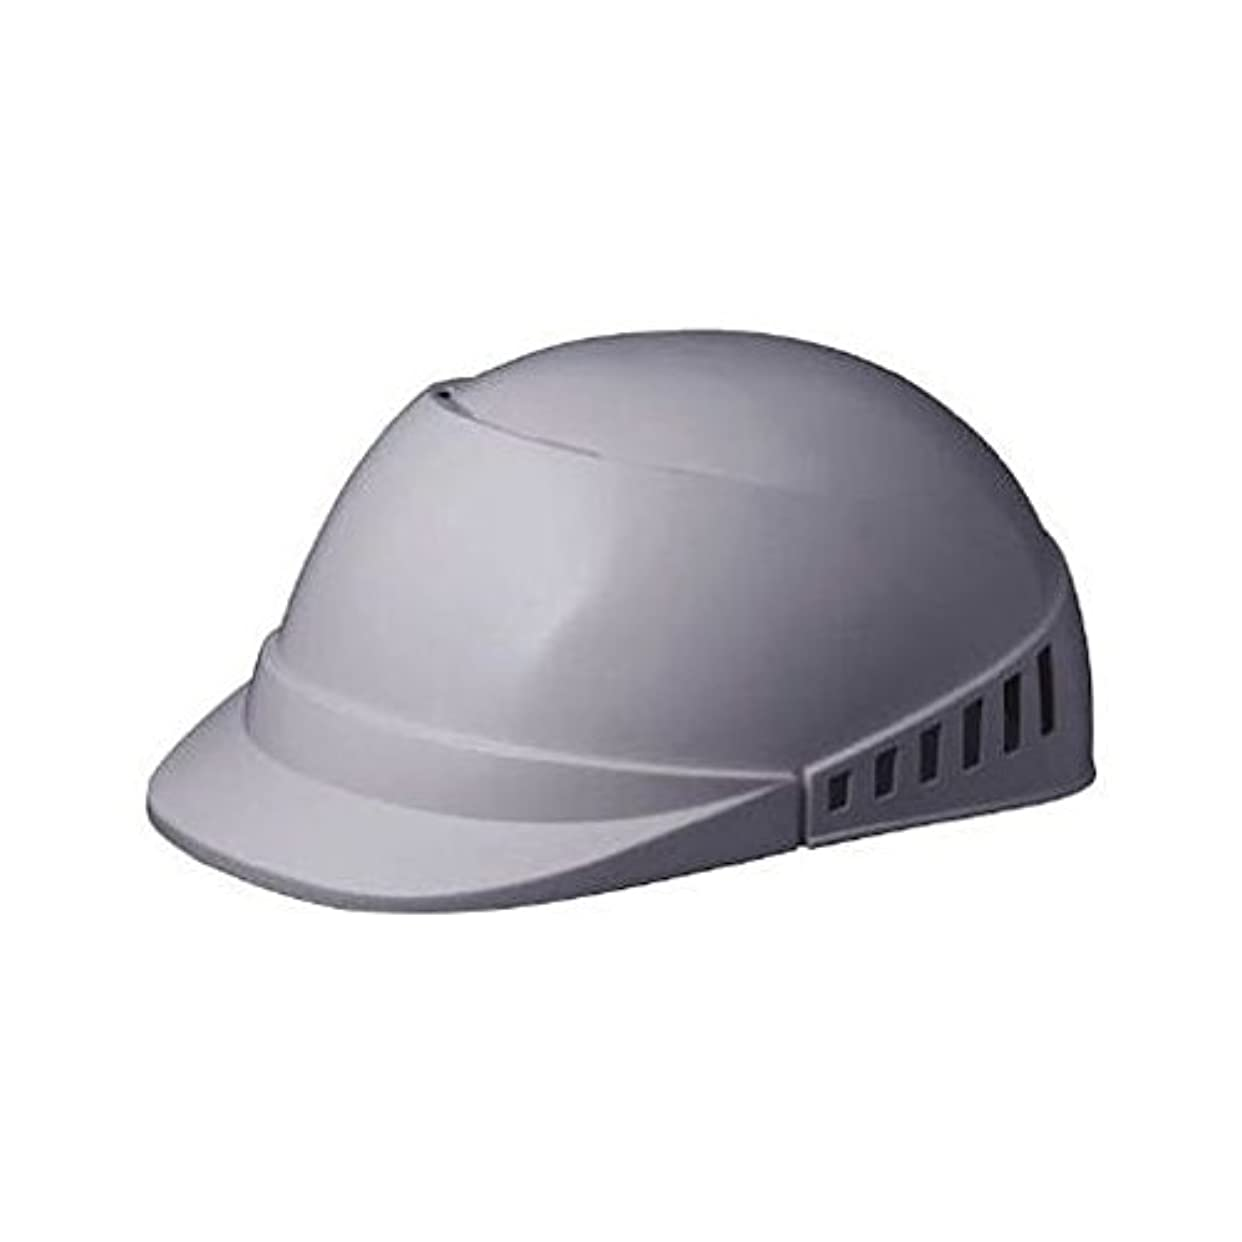 地域合体満州HS11657 軽作業帽 通気孔付 SCL-100A ピンク